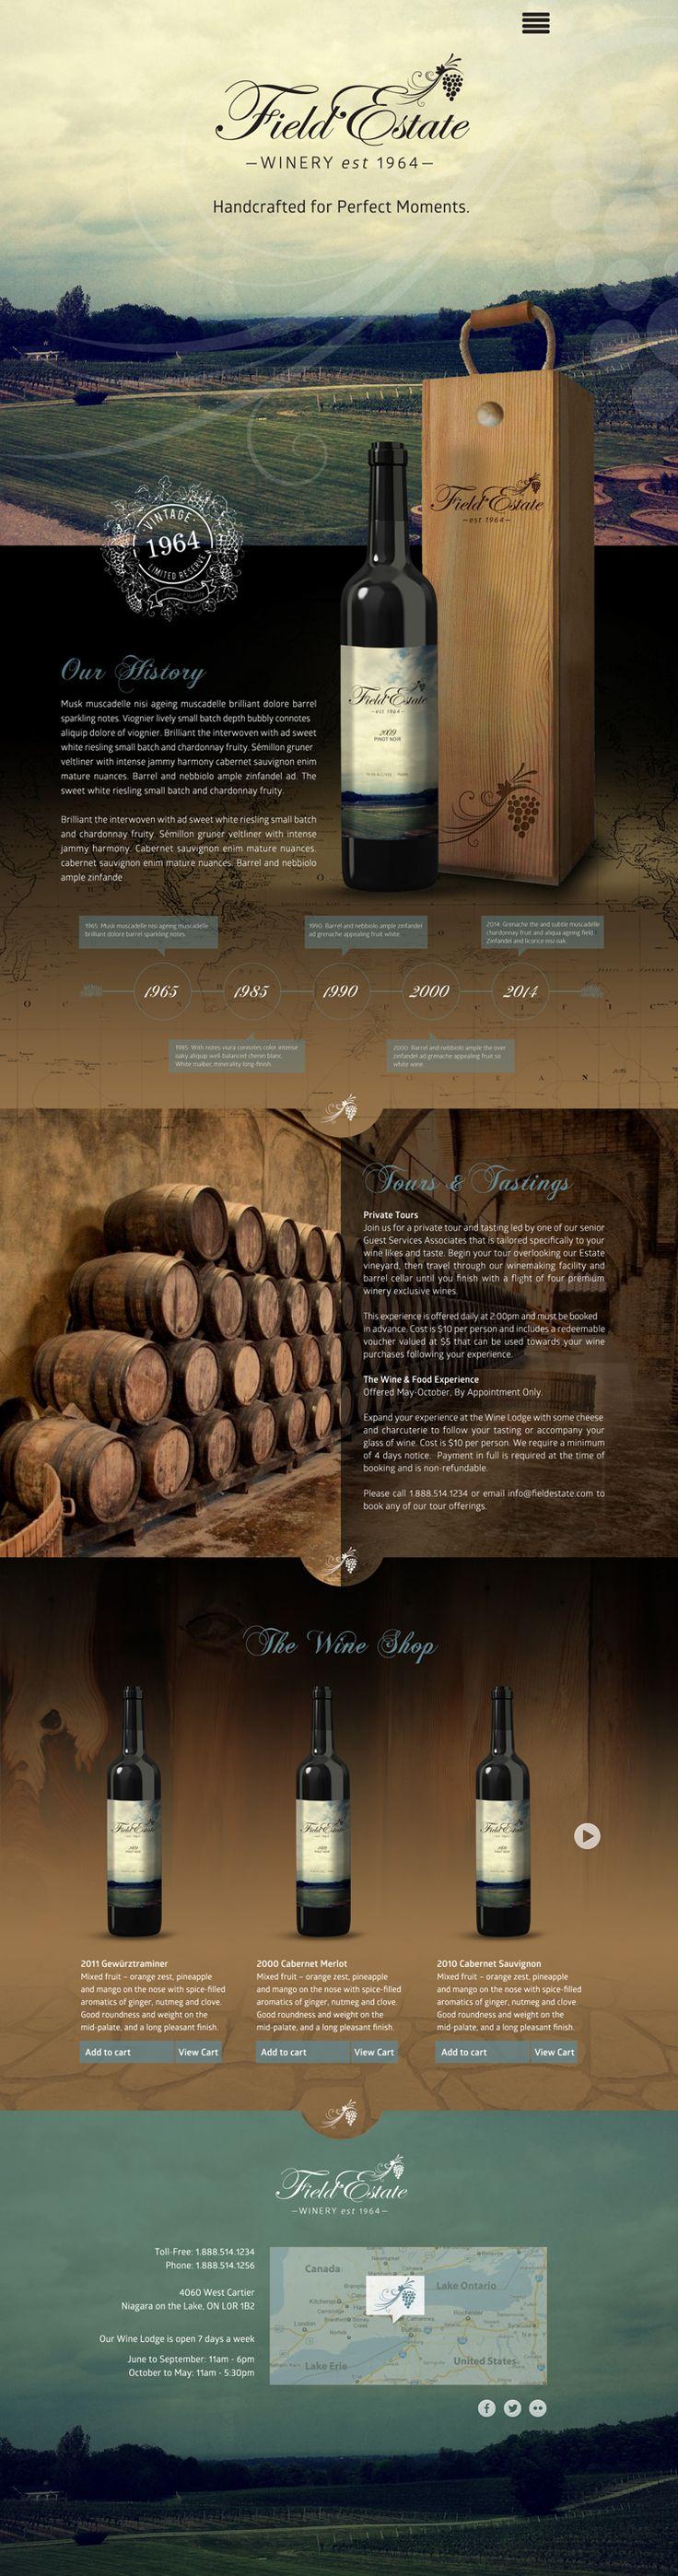 Design voor wijngaard - #inspiratie #webdesign - https://mediaostrich.nl/webdesign